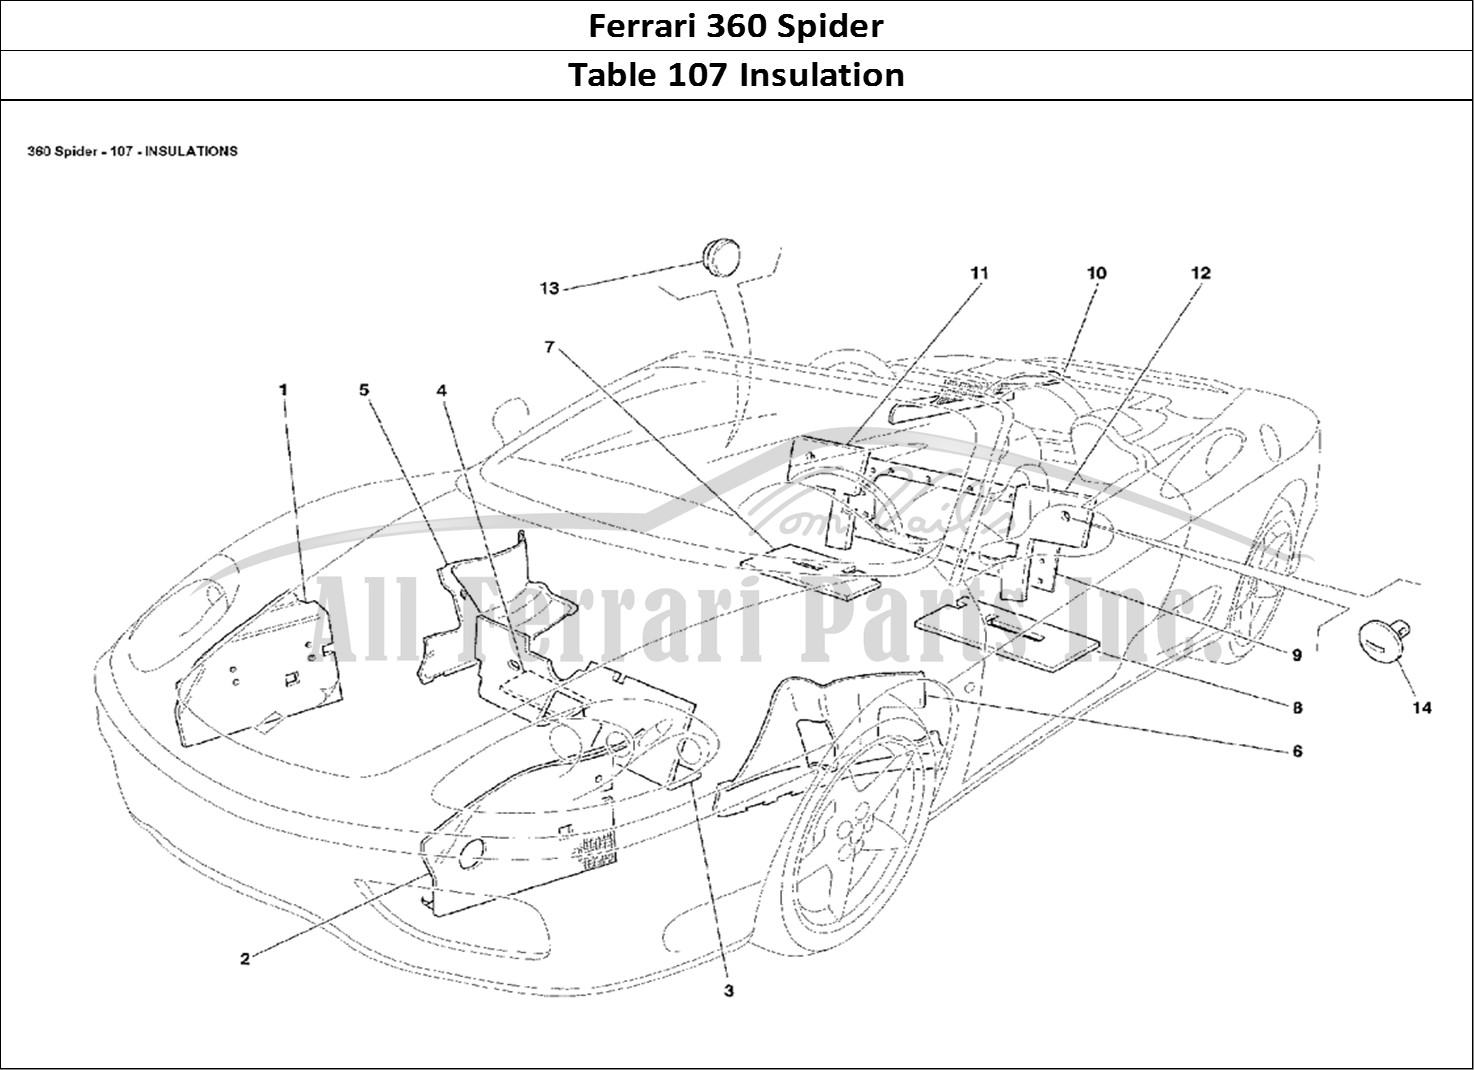 Buy Original Ferrari 360 Spider 107 Insulation Ferrari